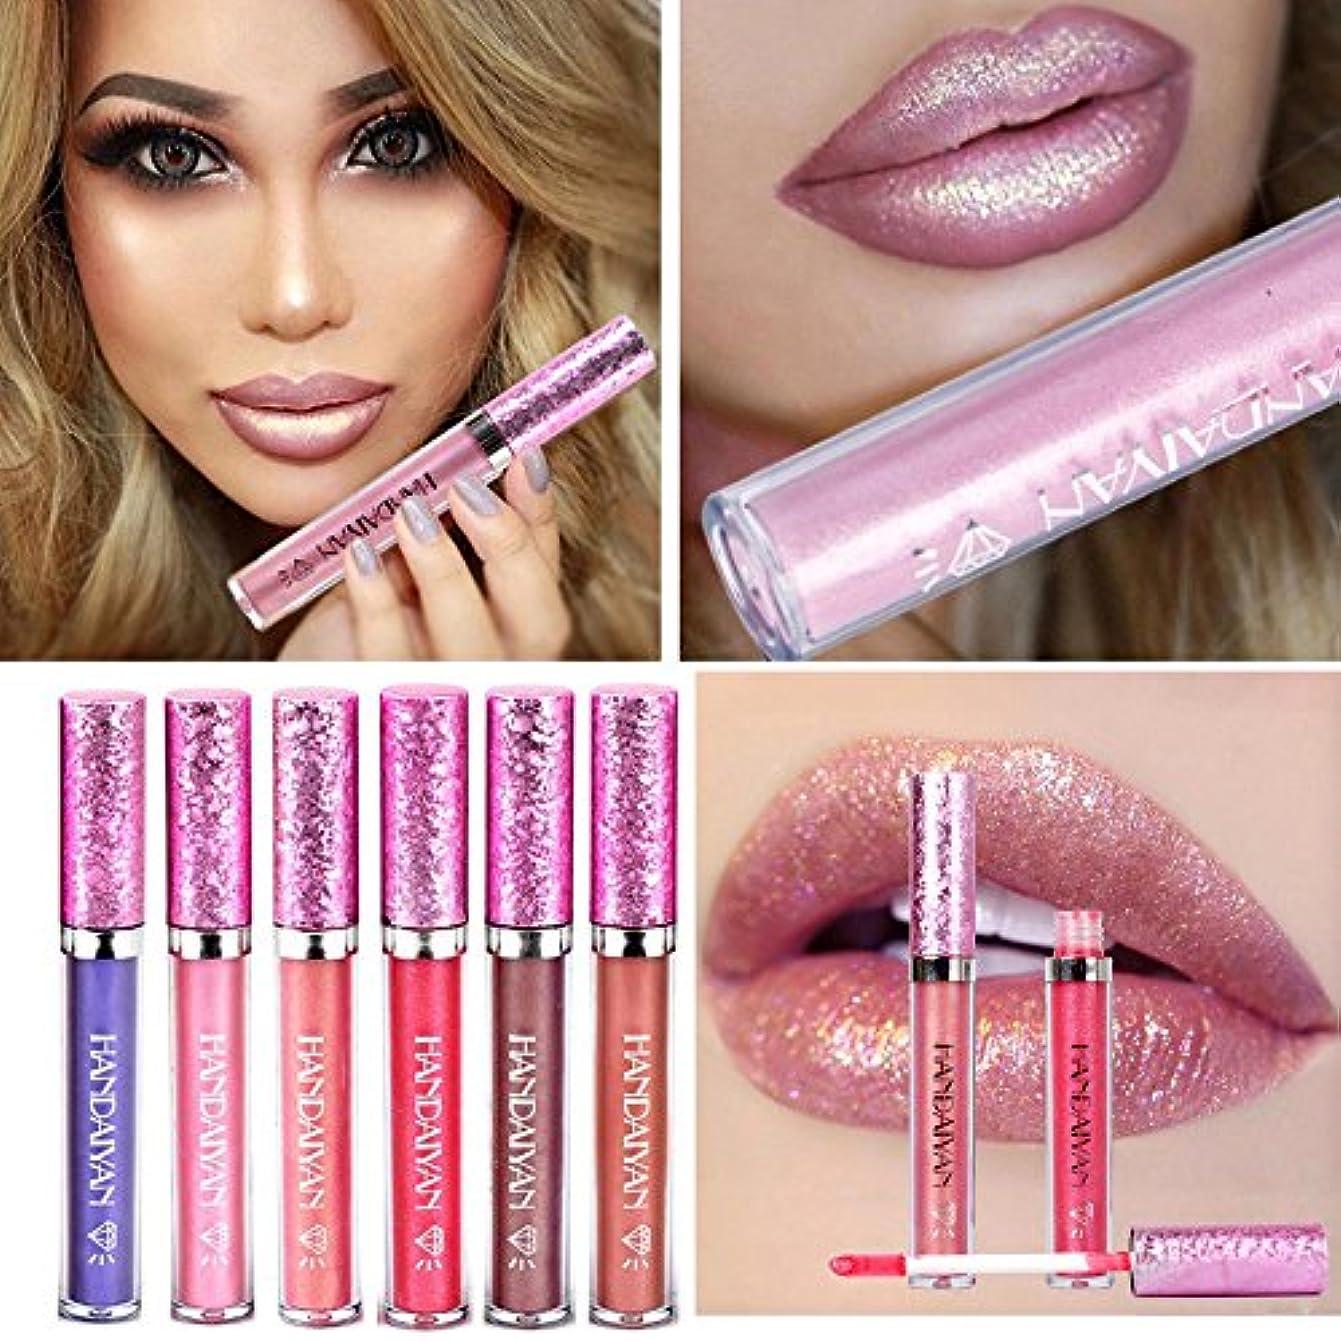 発音する繕う小数HANDAIYAN Liquid Pearly Glitter Lipsticks Set - 6 pcs Long Lasting Nonstick Lip Gloss Mermaid Waterproof Lipstick...